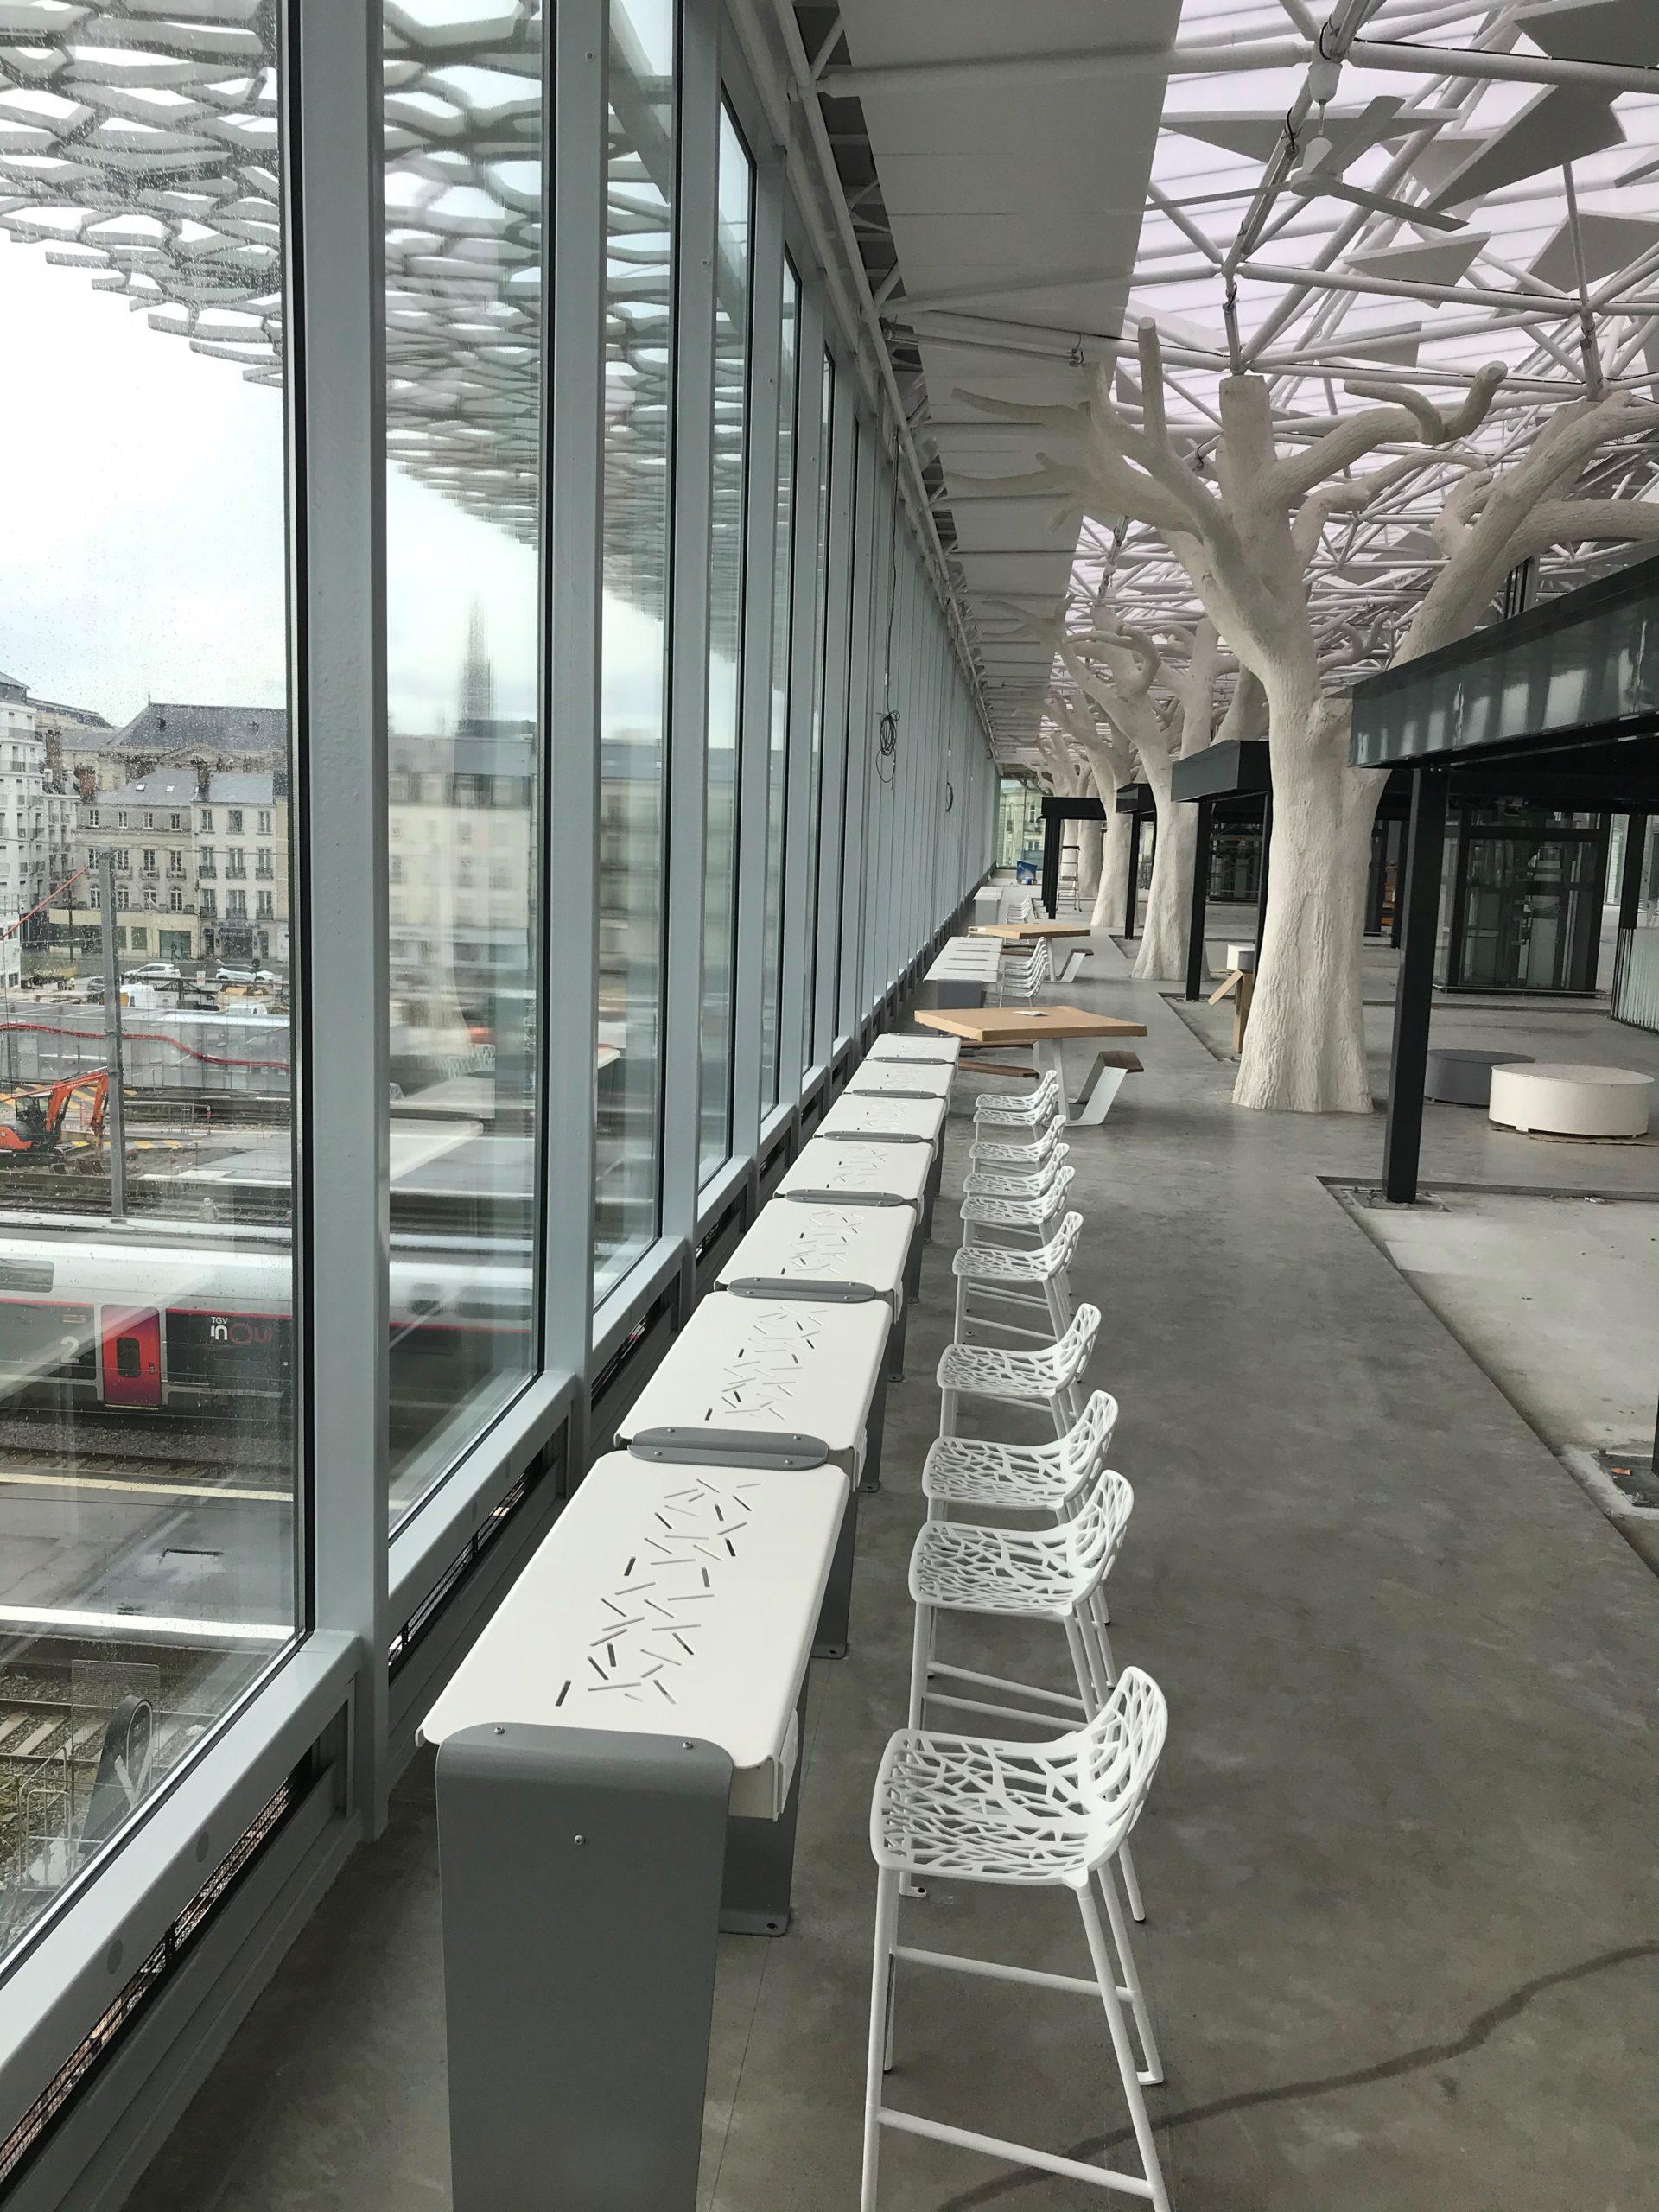 perspective bureaux voyageurs - gare sncf nantes passerelle - presta france - solutions agencement